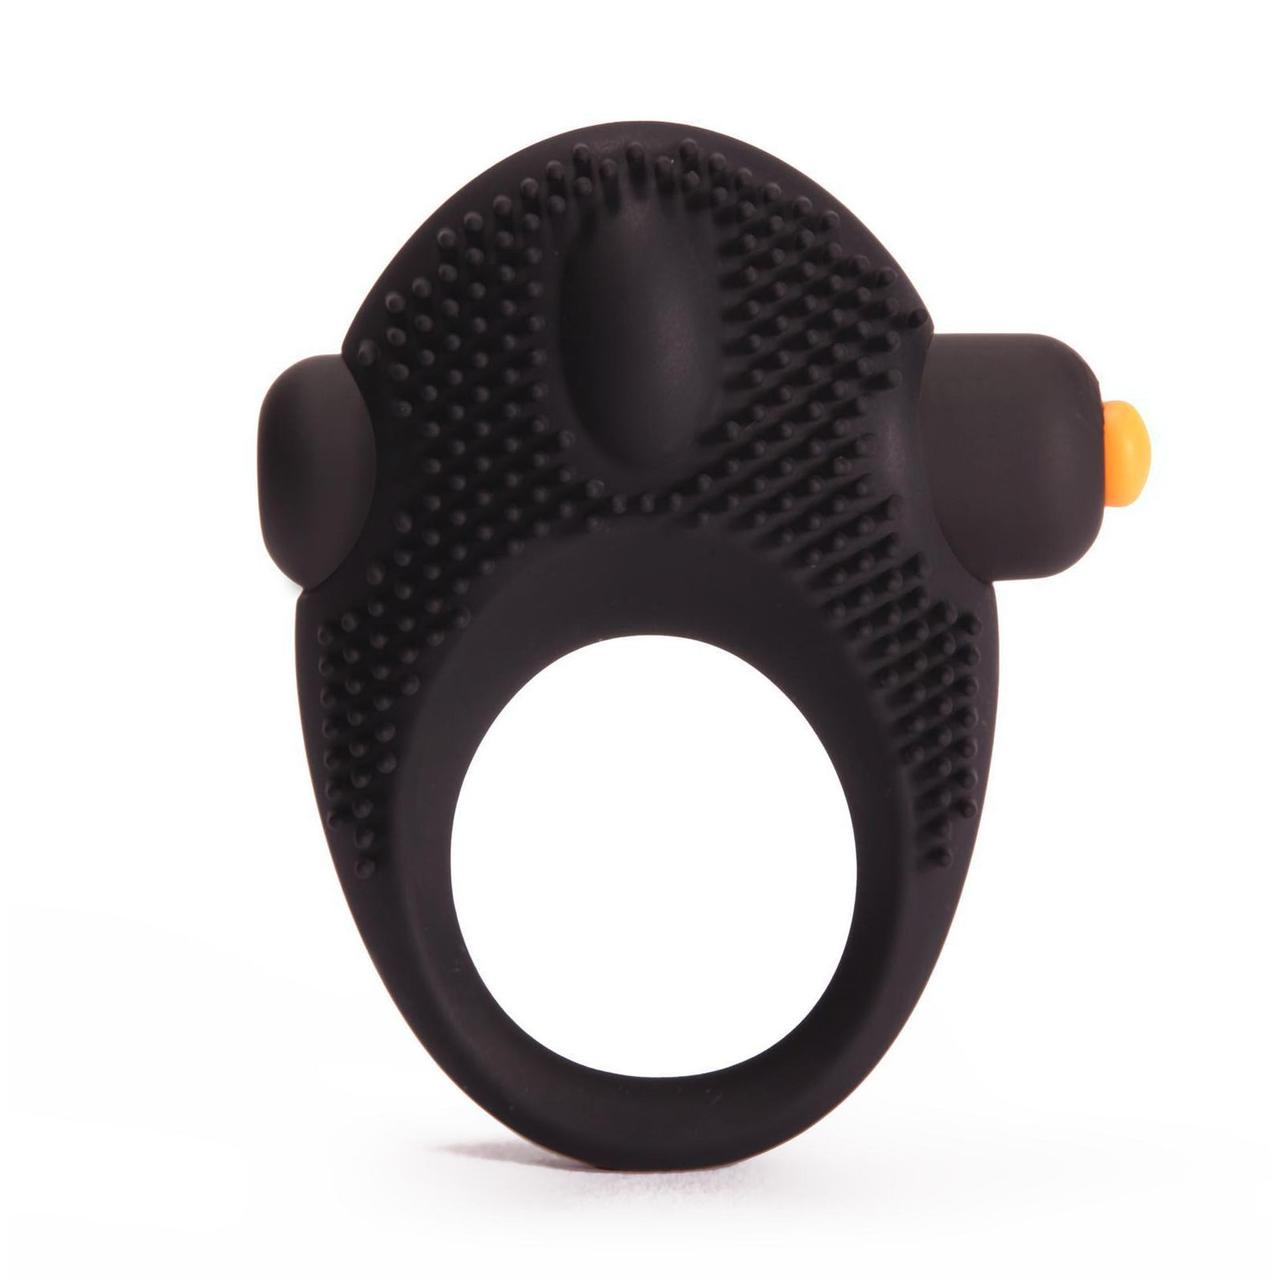 Эрекционное виброкольцо Pornhub Vibrating Cock Ring, мегастимуляция клитора, съемная вибропуля